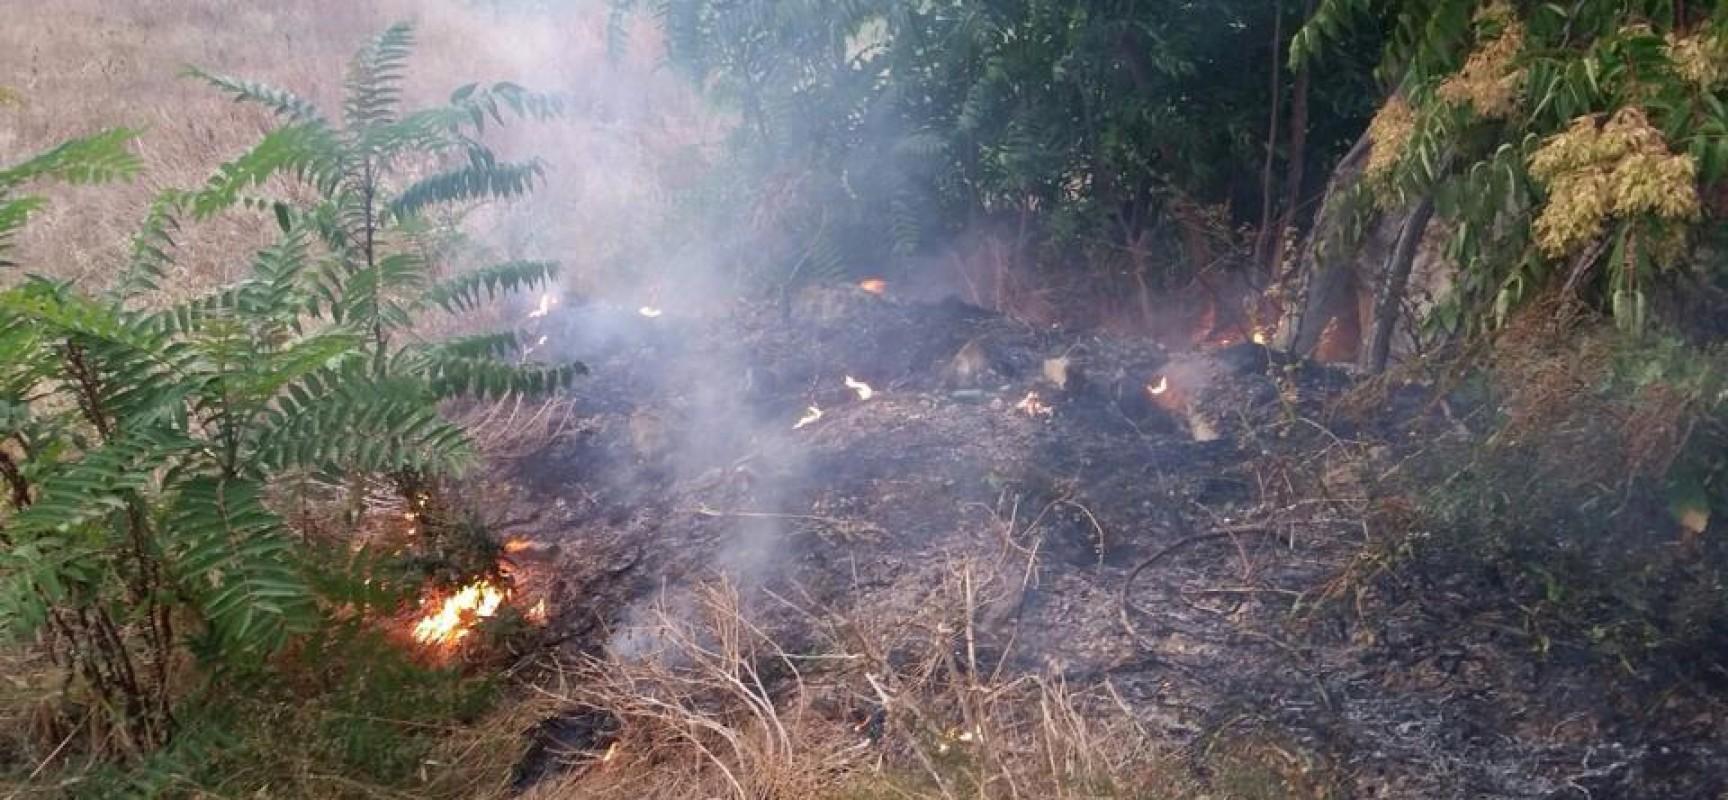 Incendio in Via San Martino, intervengono i volontari dell'OER